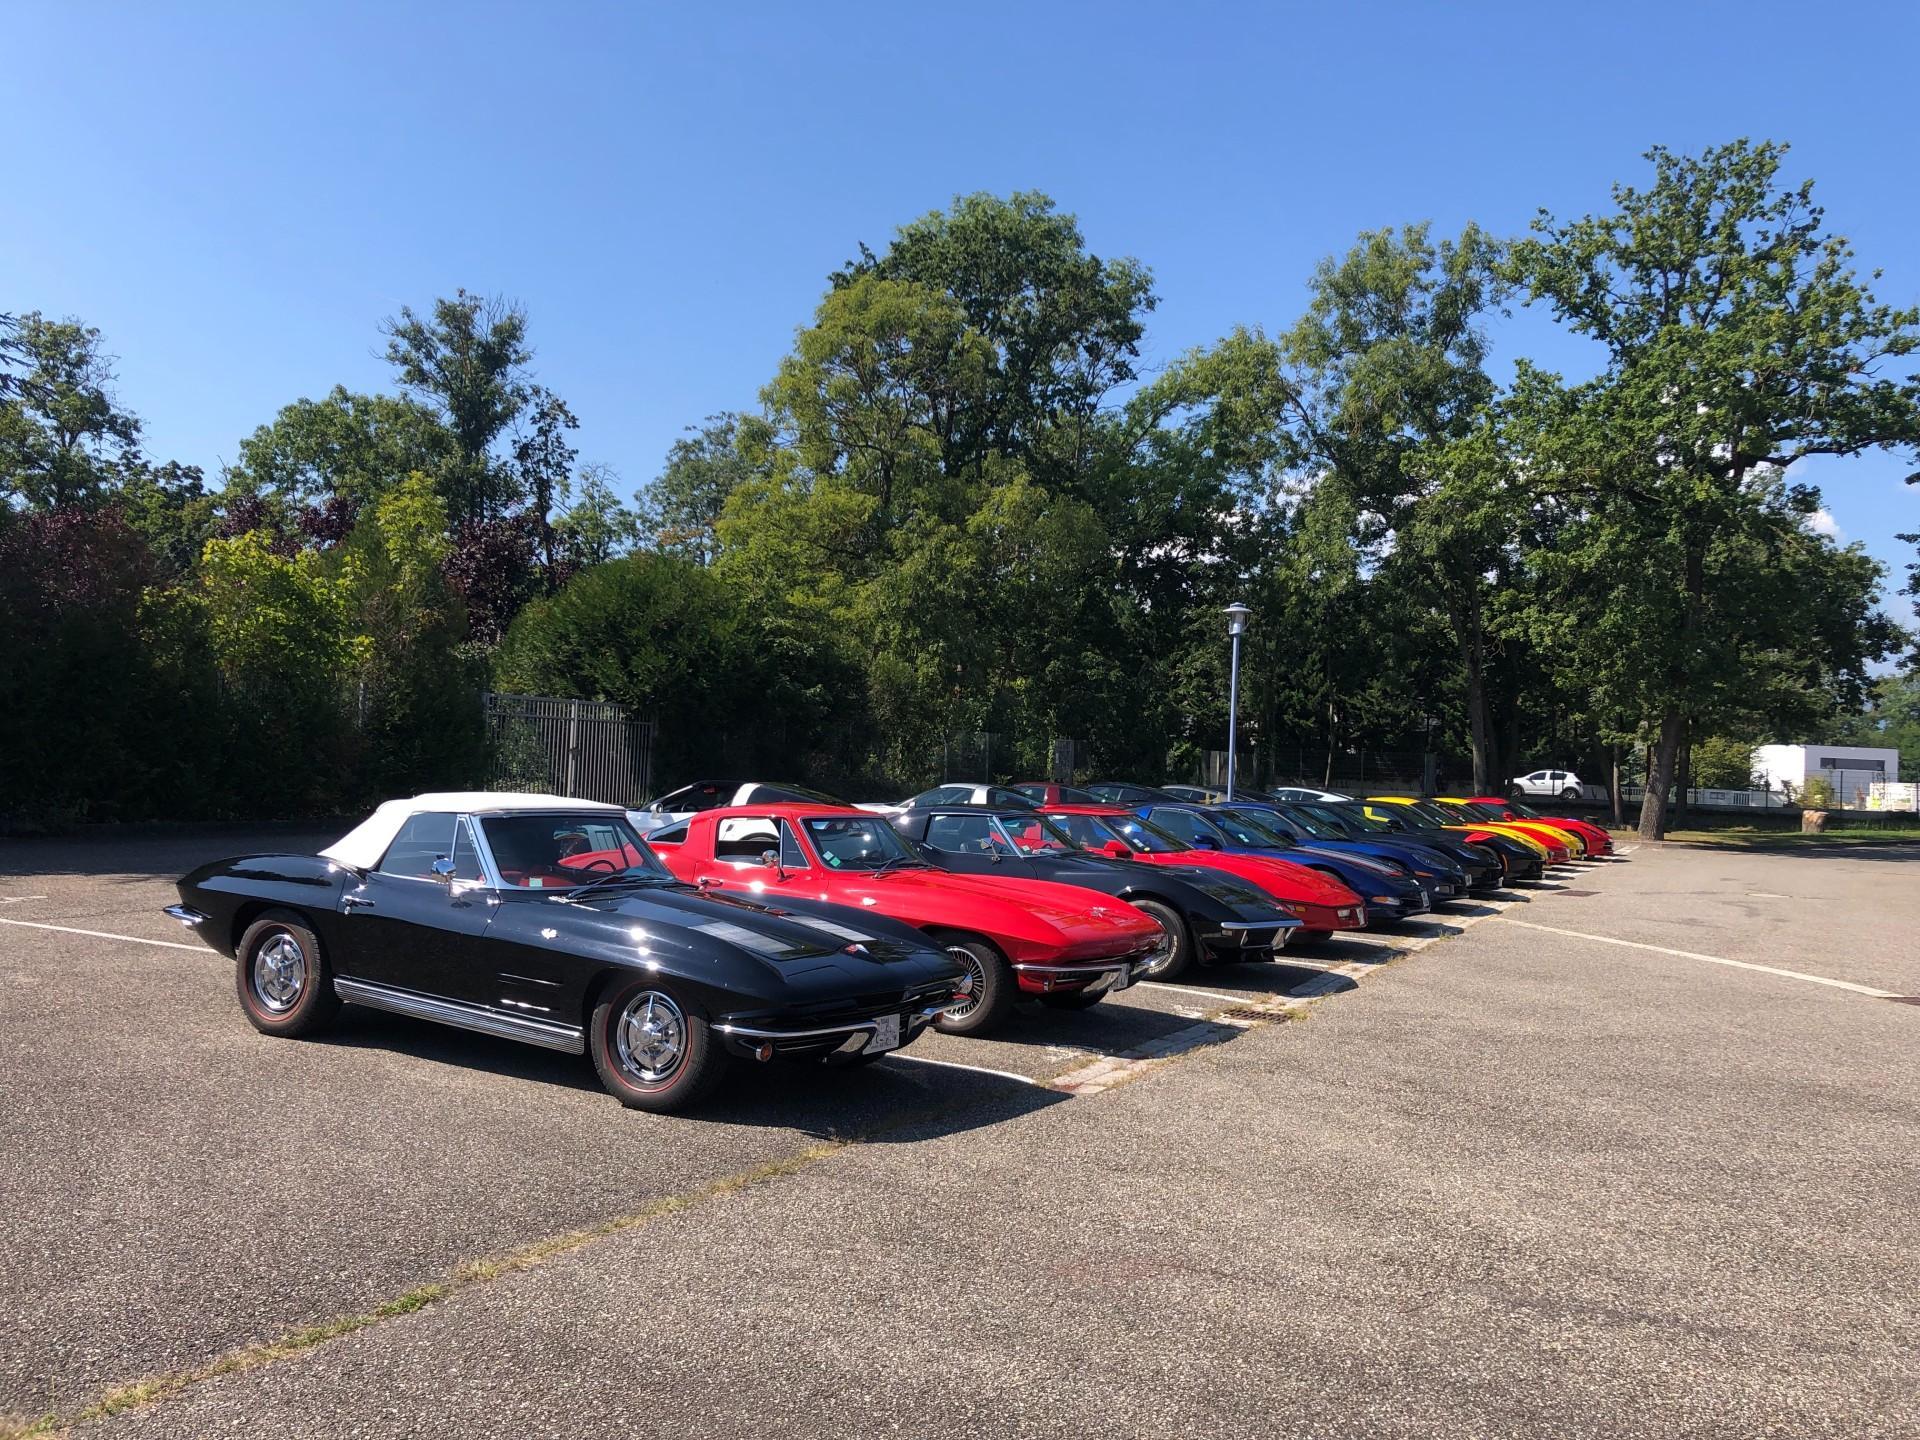 Corvette day 37